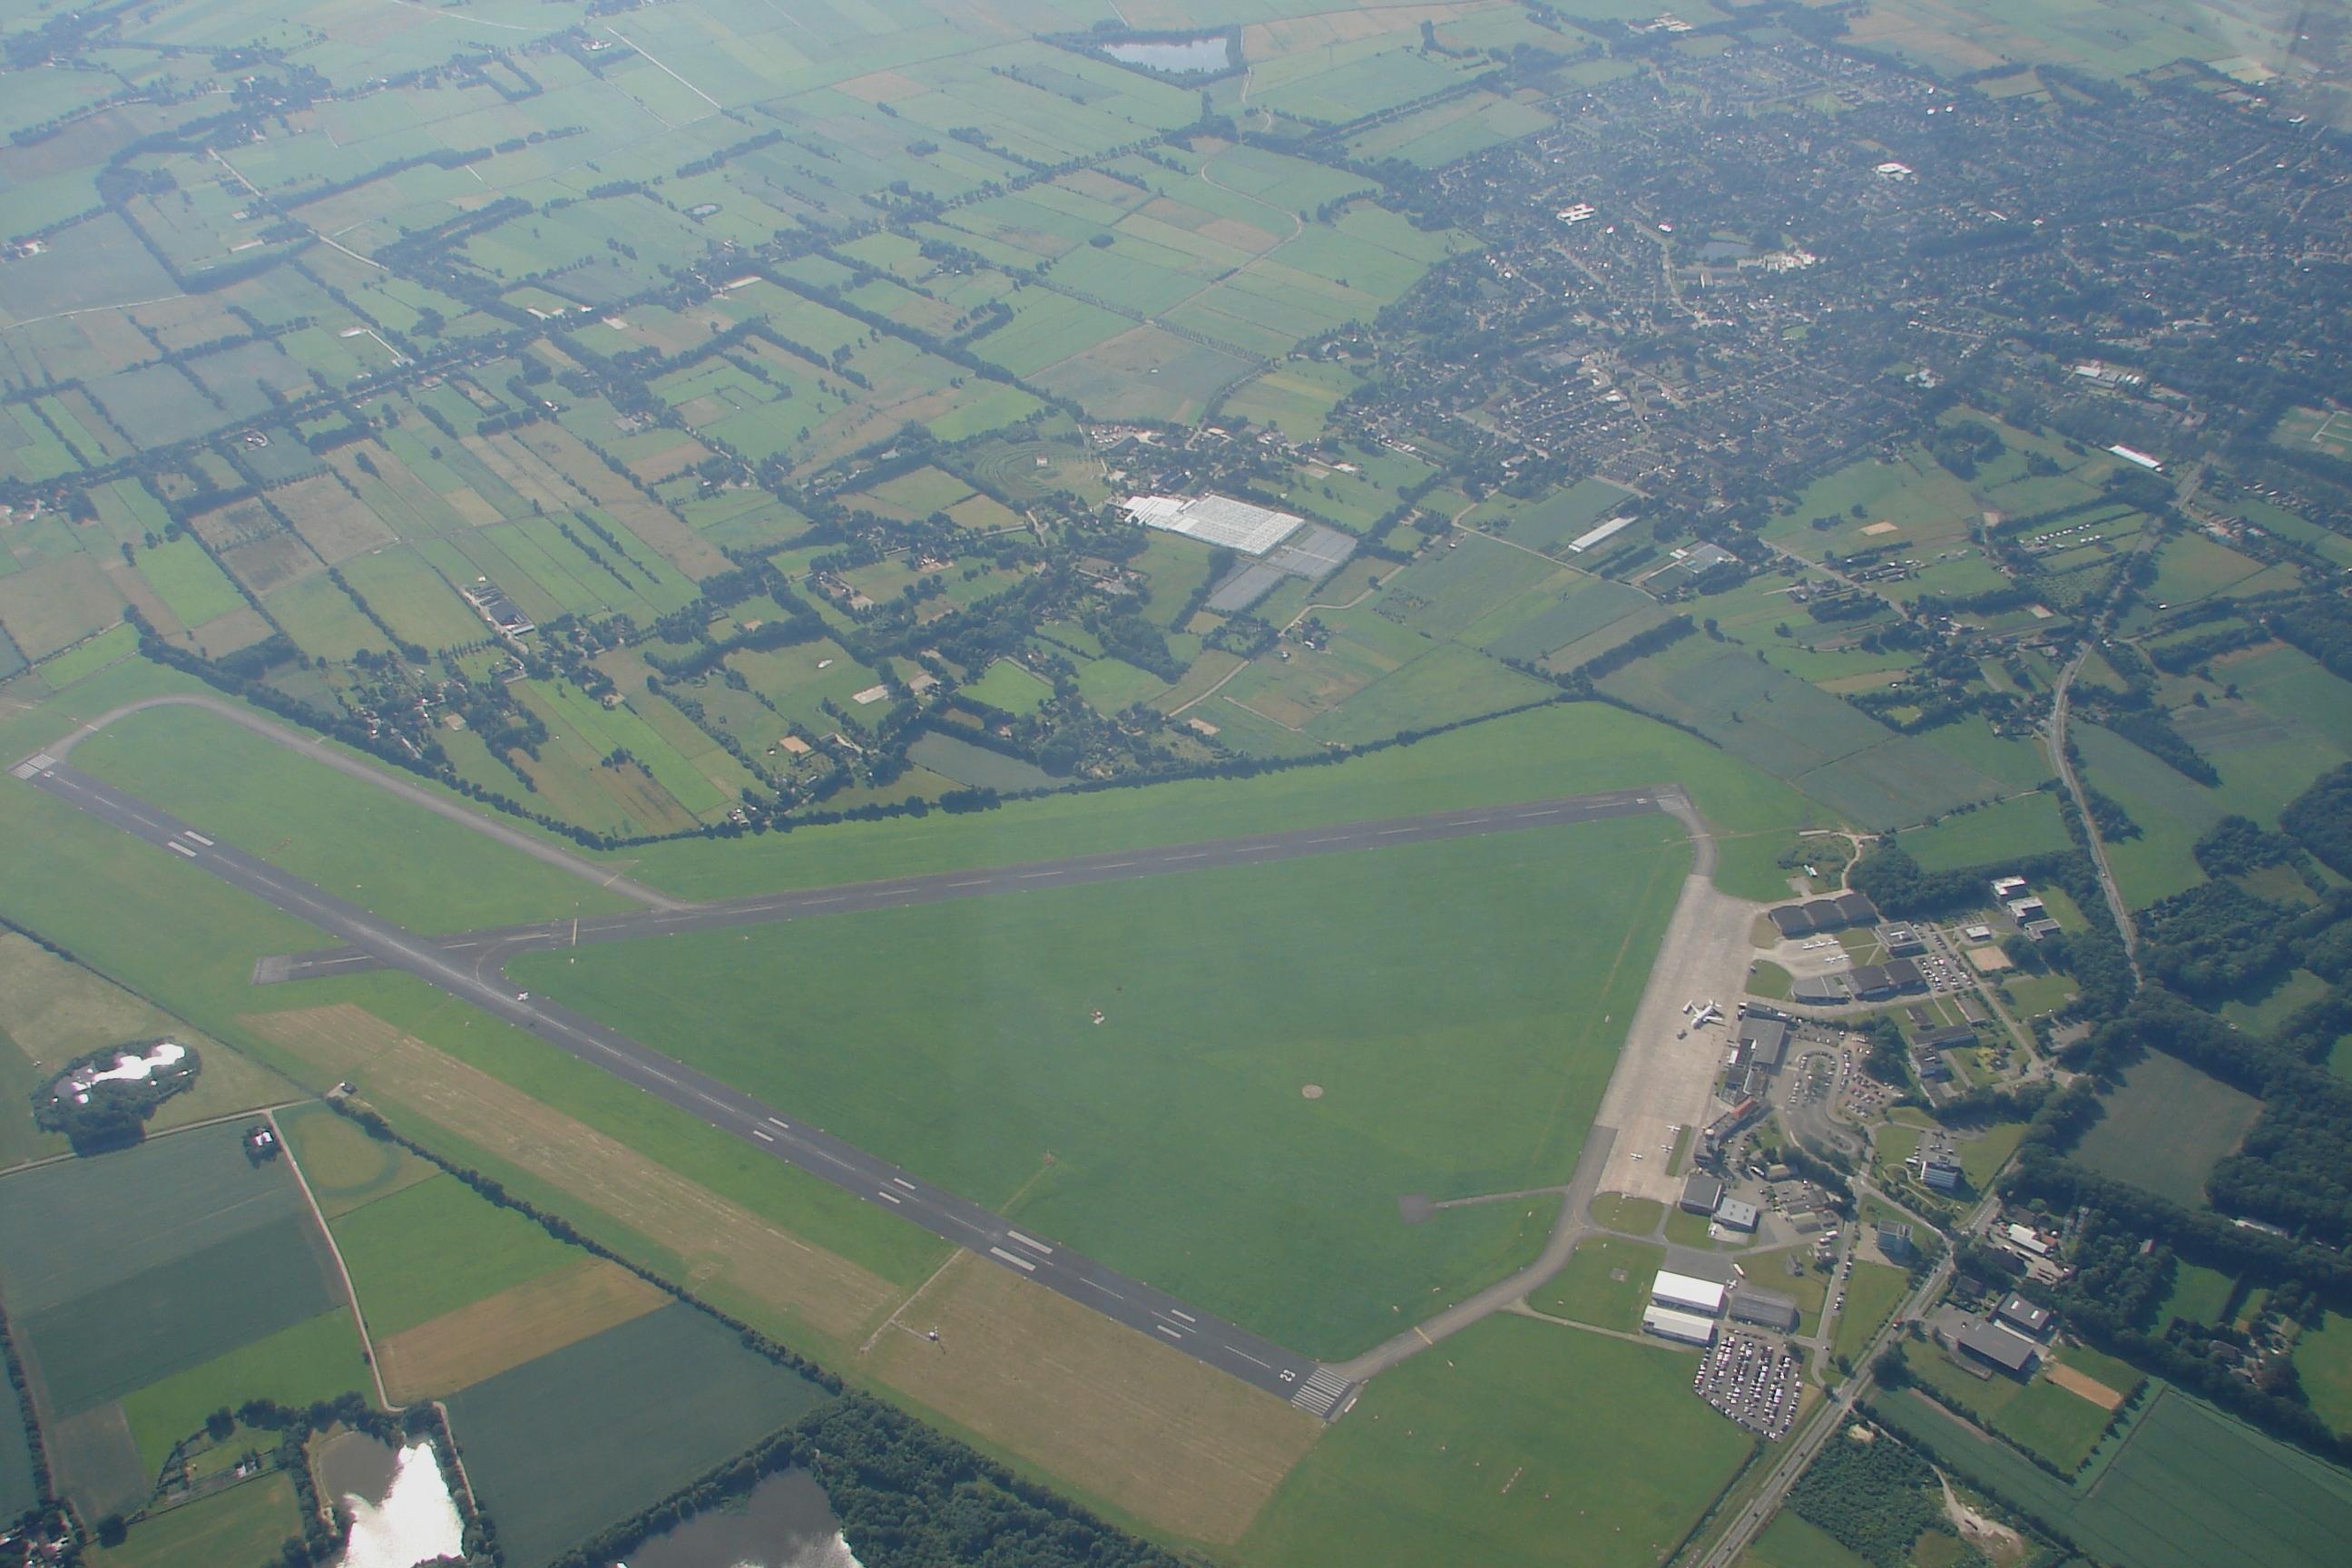 Αεροδρόμιο Έελντε του Χρόνινγκεν